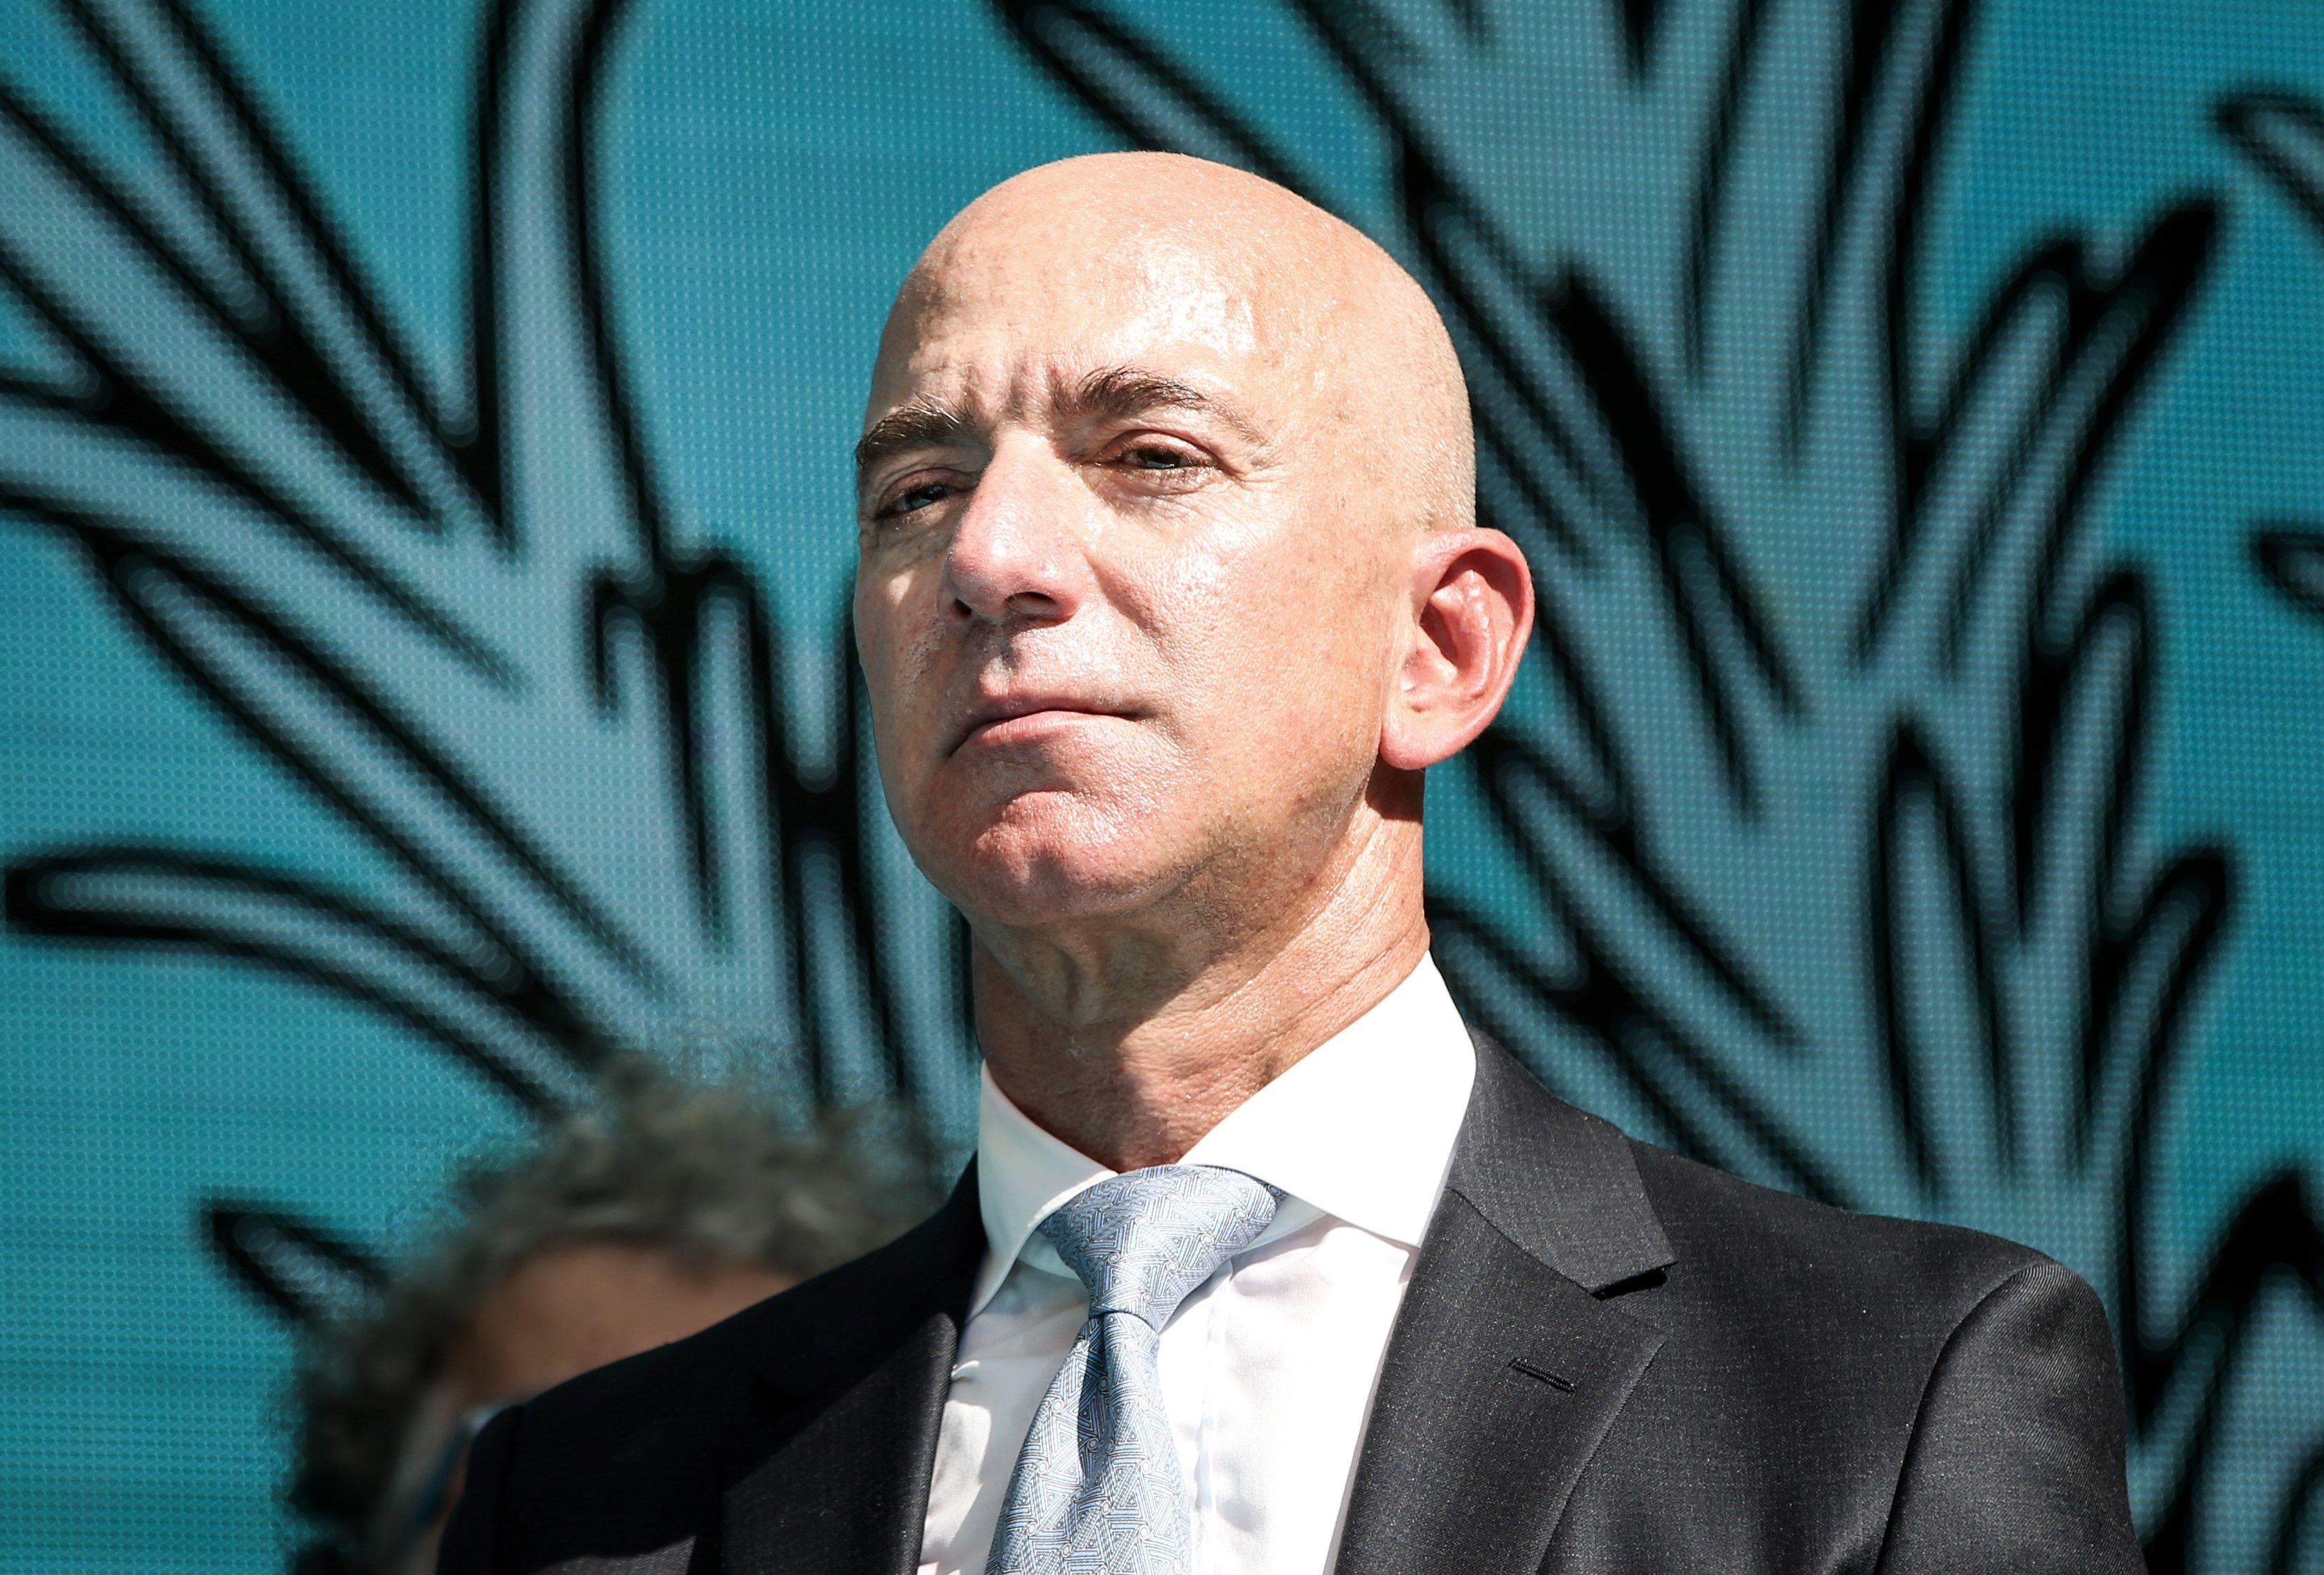 La storia breve ma intensa di come Jeff Bezos è diventato l'uomo più ricco del mondo